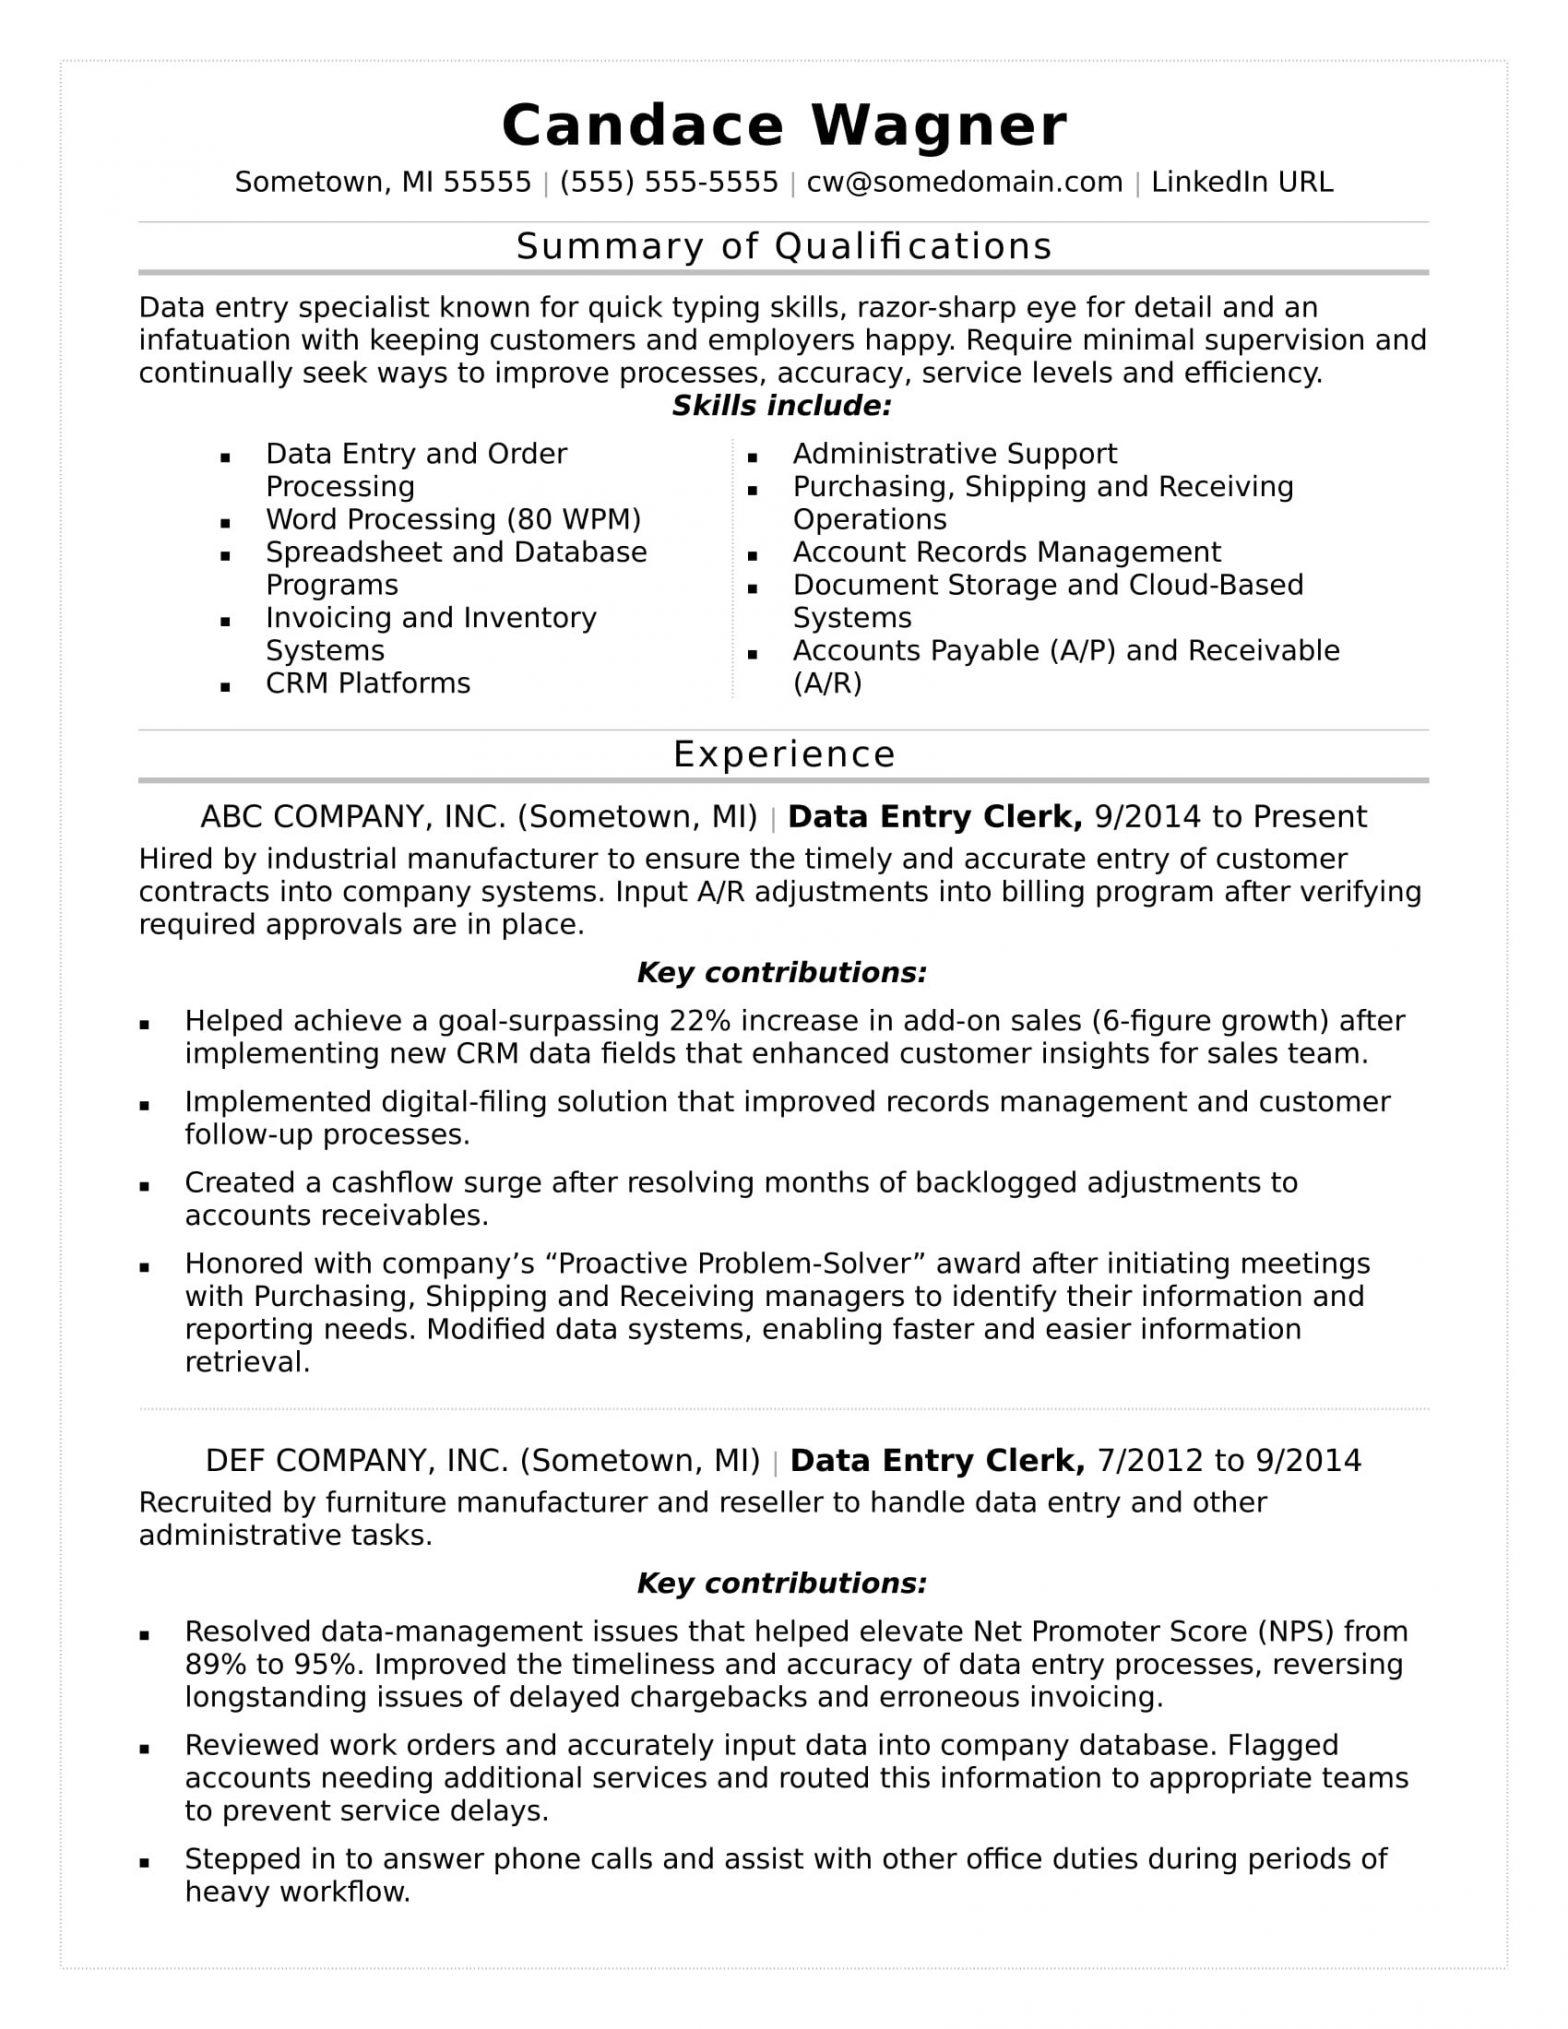 Sample Resume for Online Typing Job Data Entry Resume Sample Monster.com